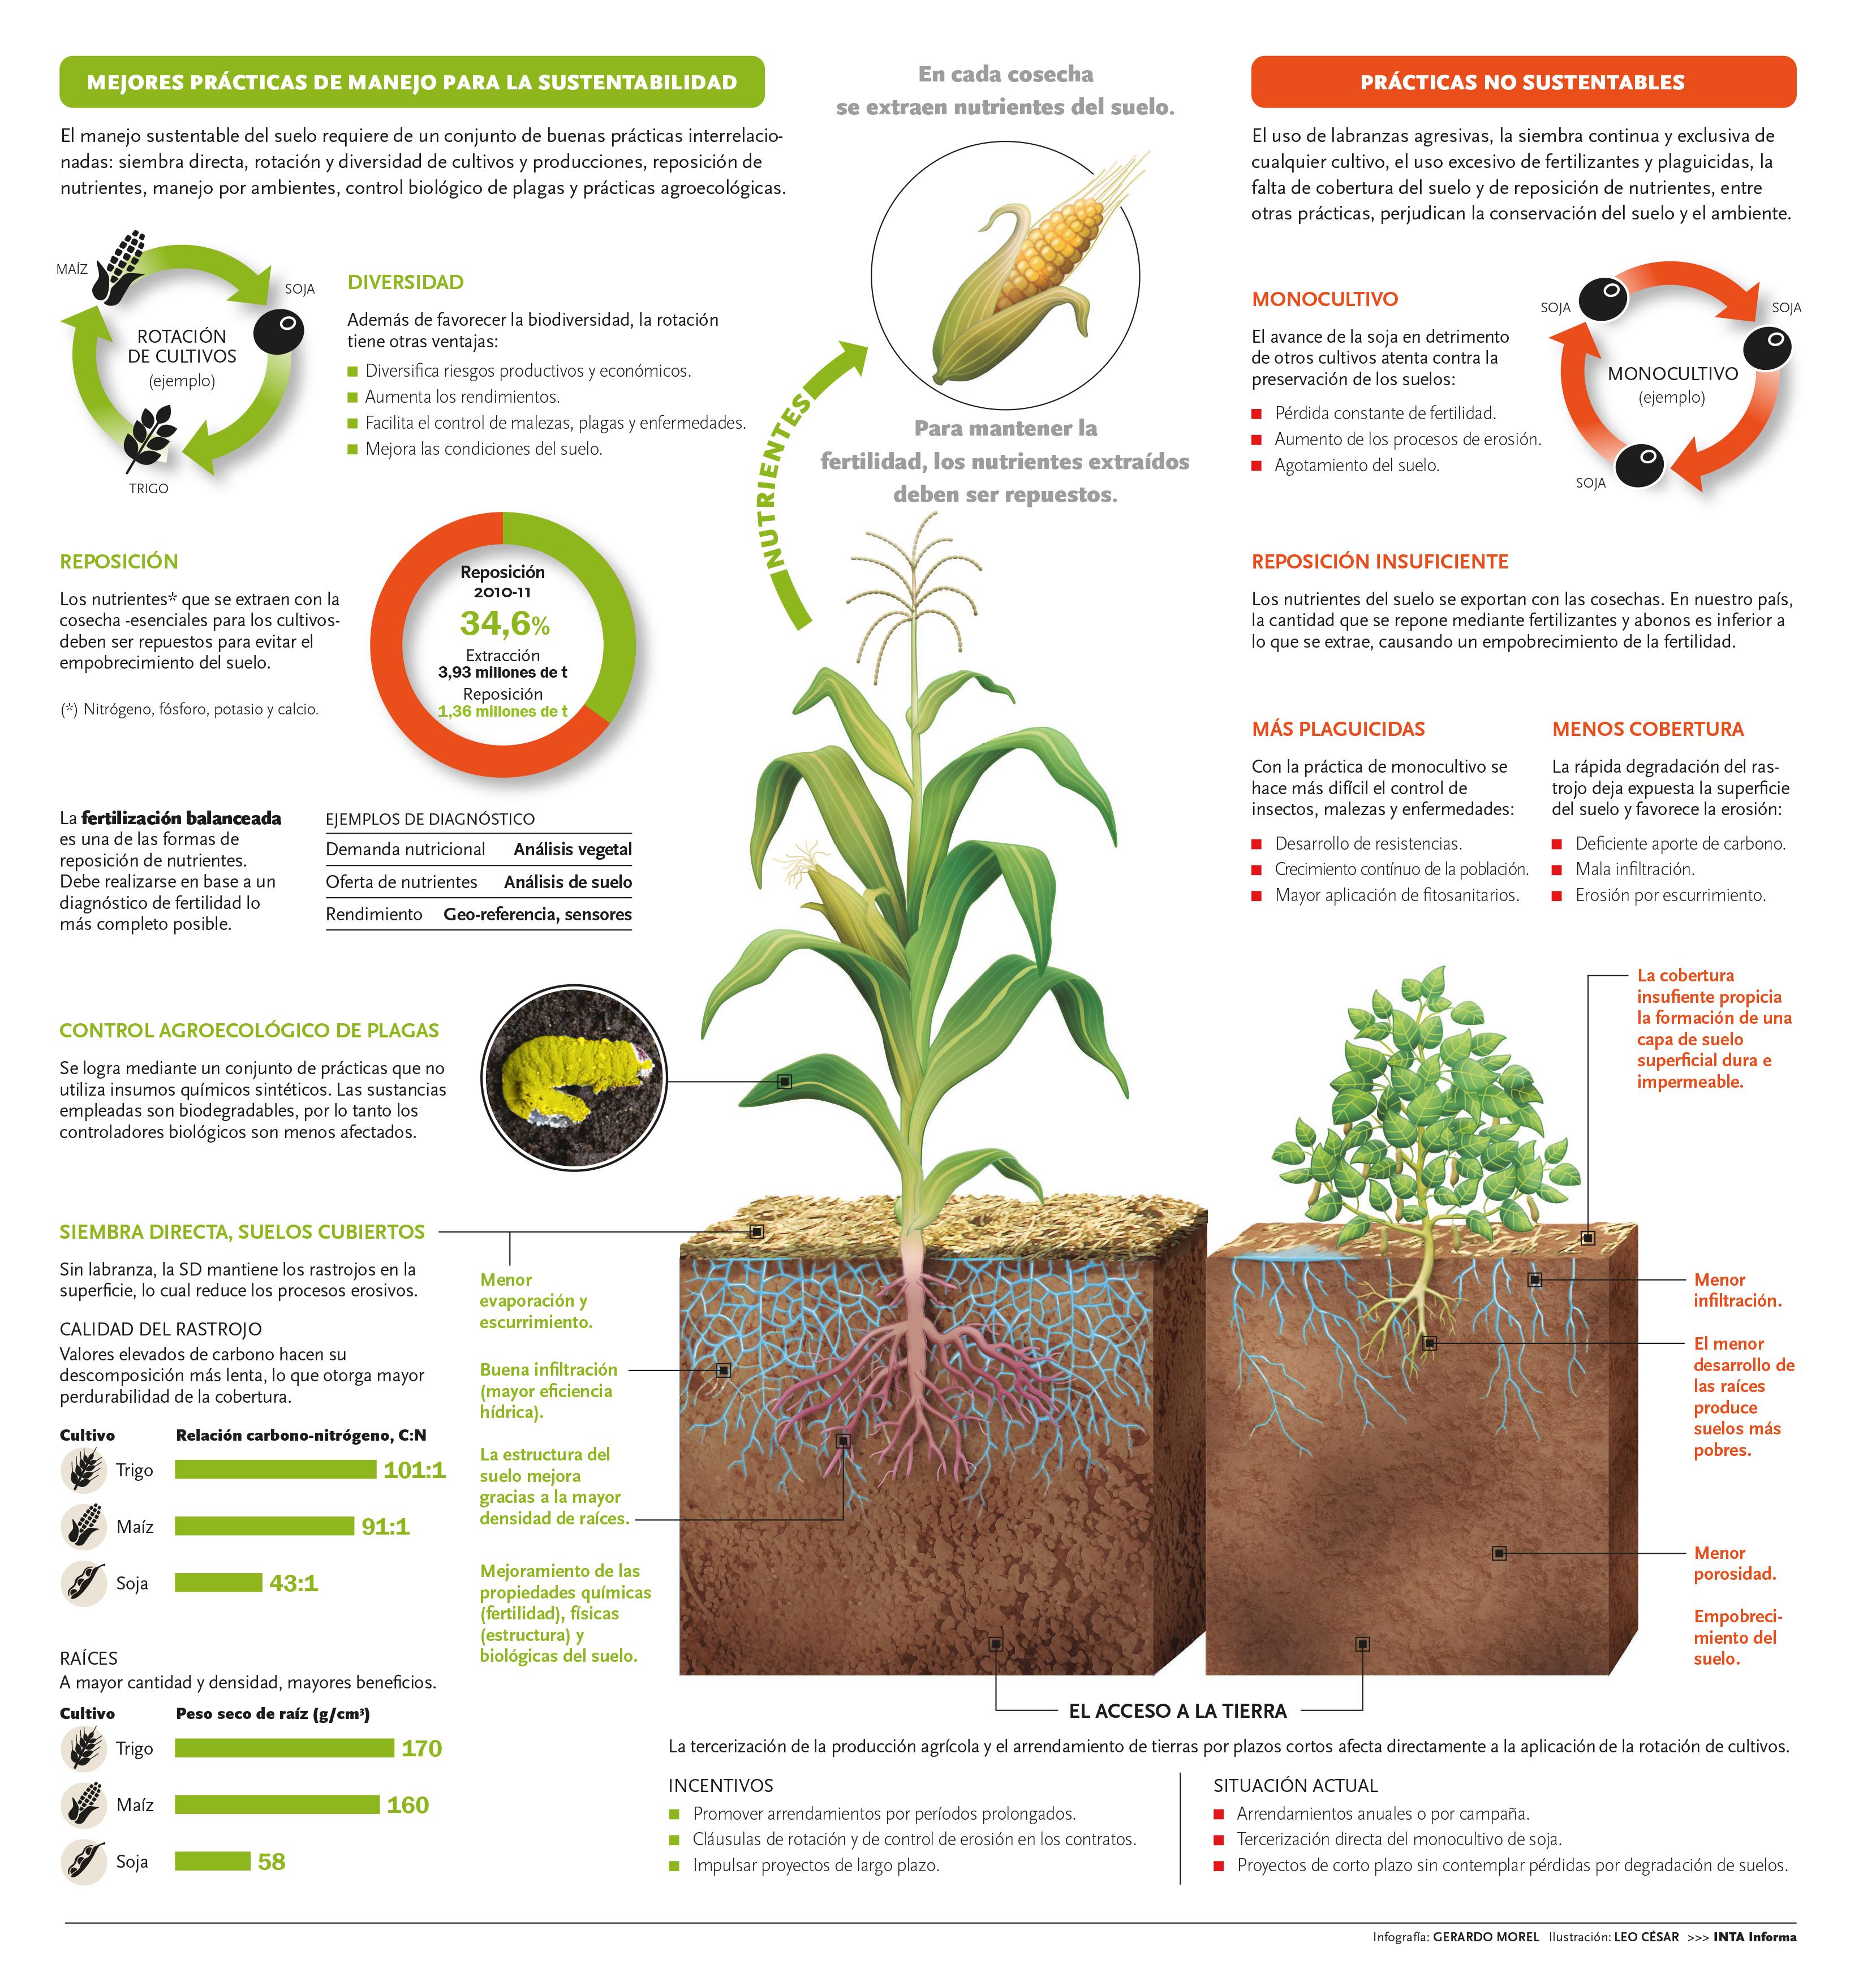 Buenas prácticas para la preservación del suelo